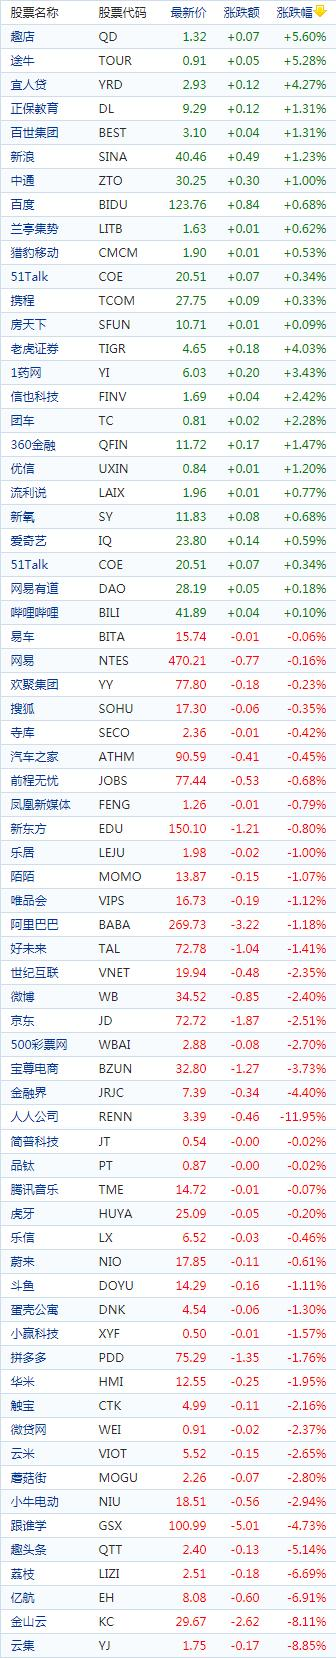 中国概念股周四收盘涨跌互现 人人网大跌近12%